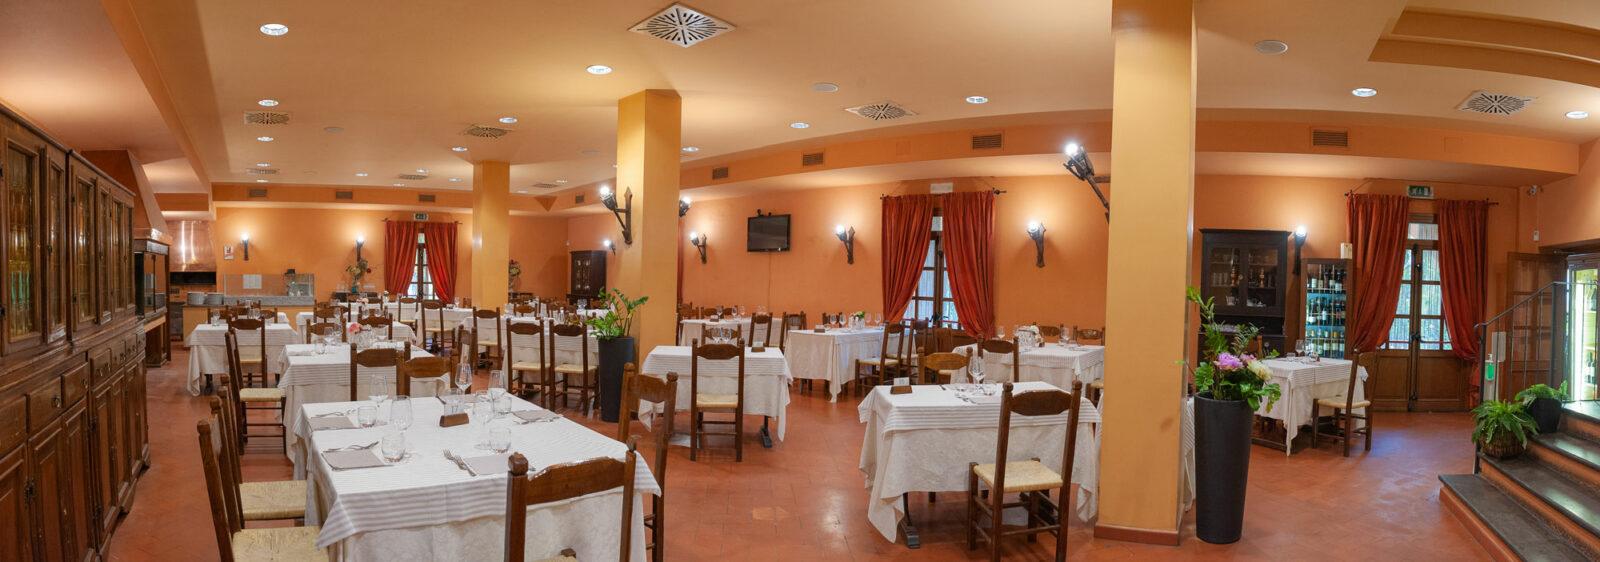 la-fattoria-ristorante-pizzeria-albergo-sala-da-pranzo-piano-terra-3